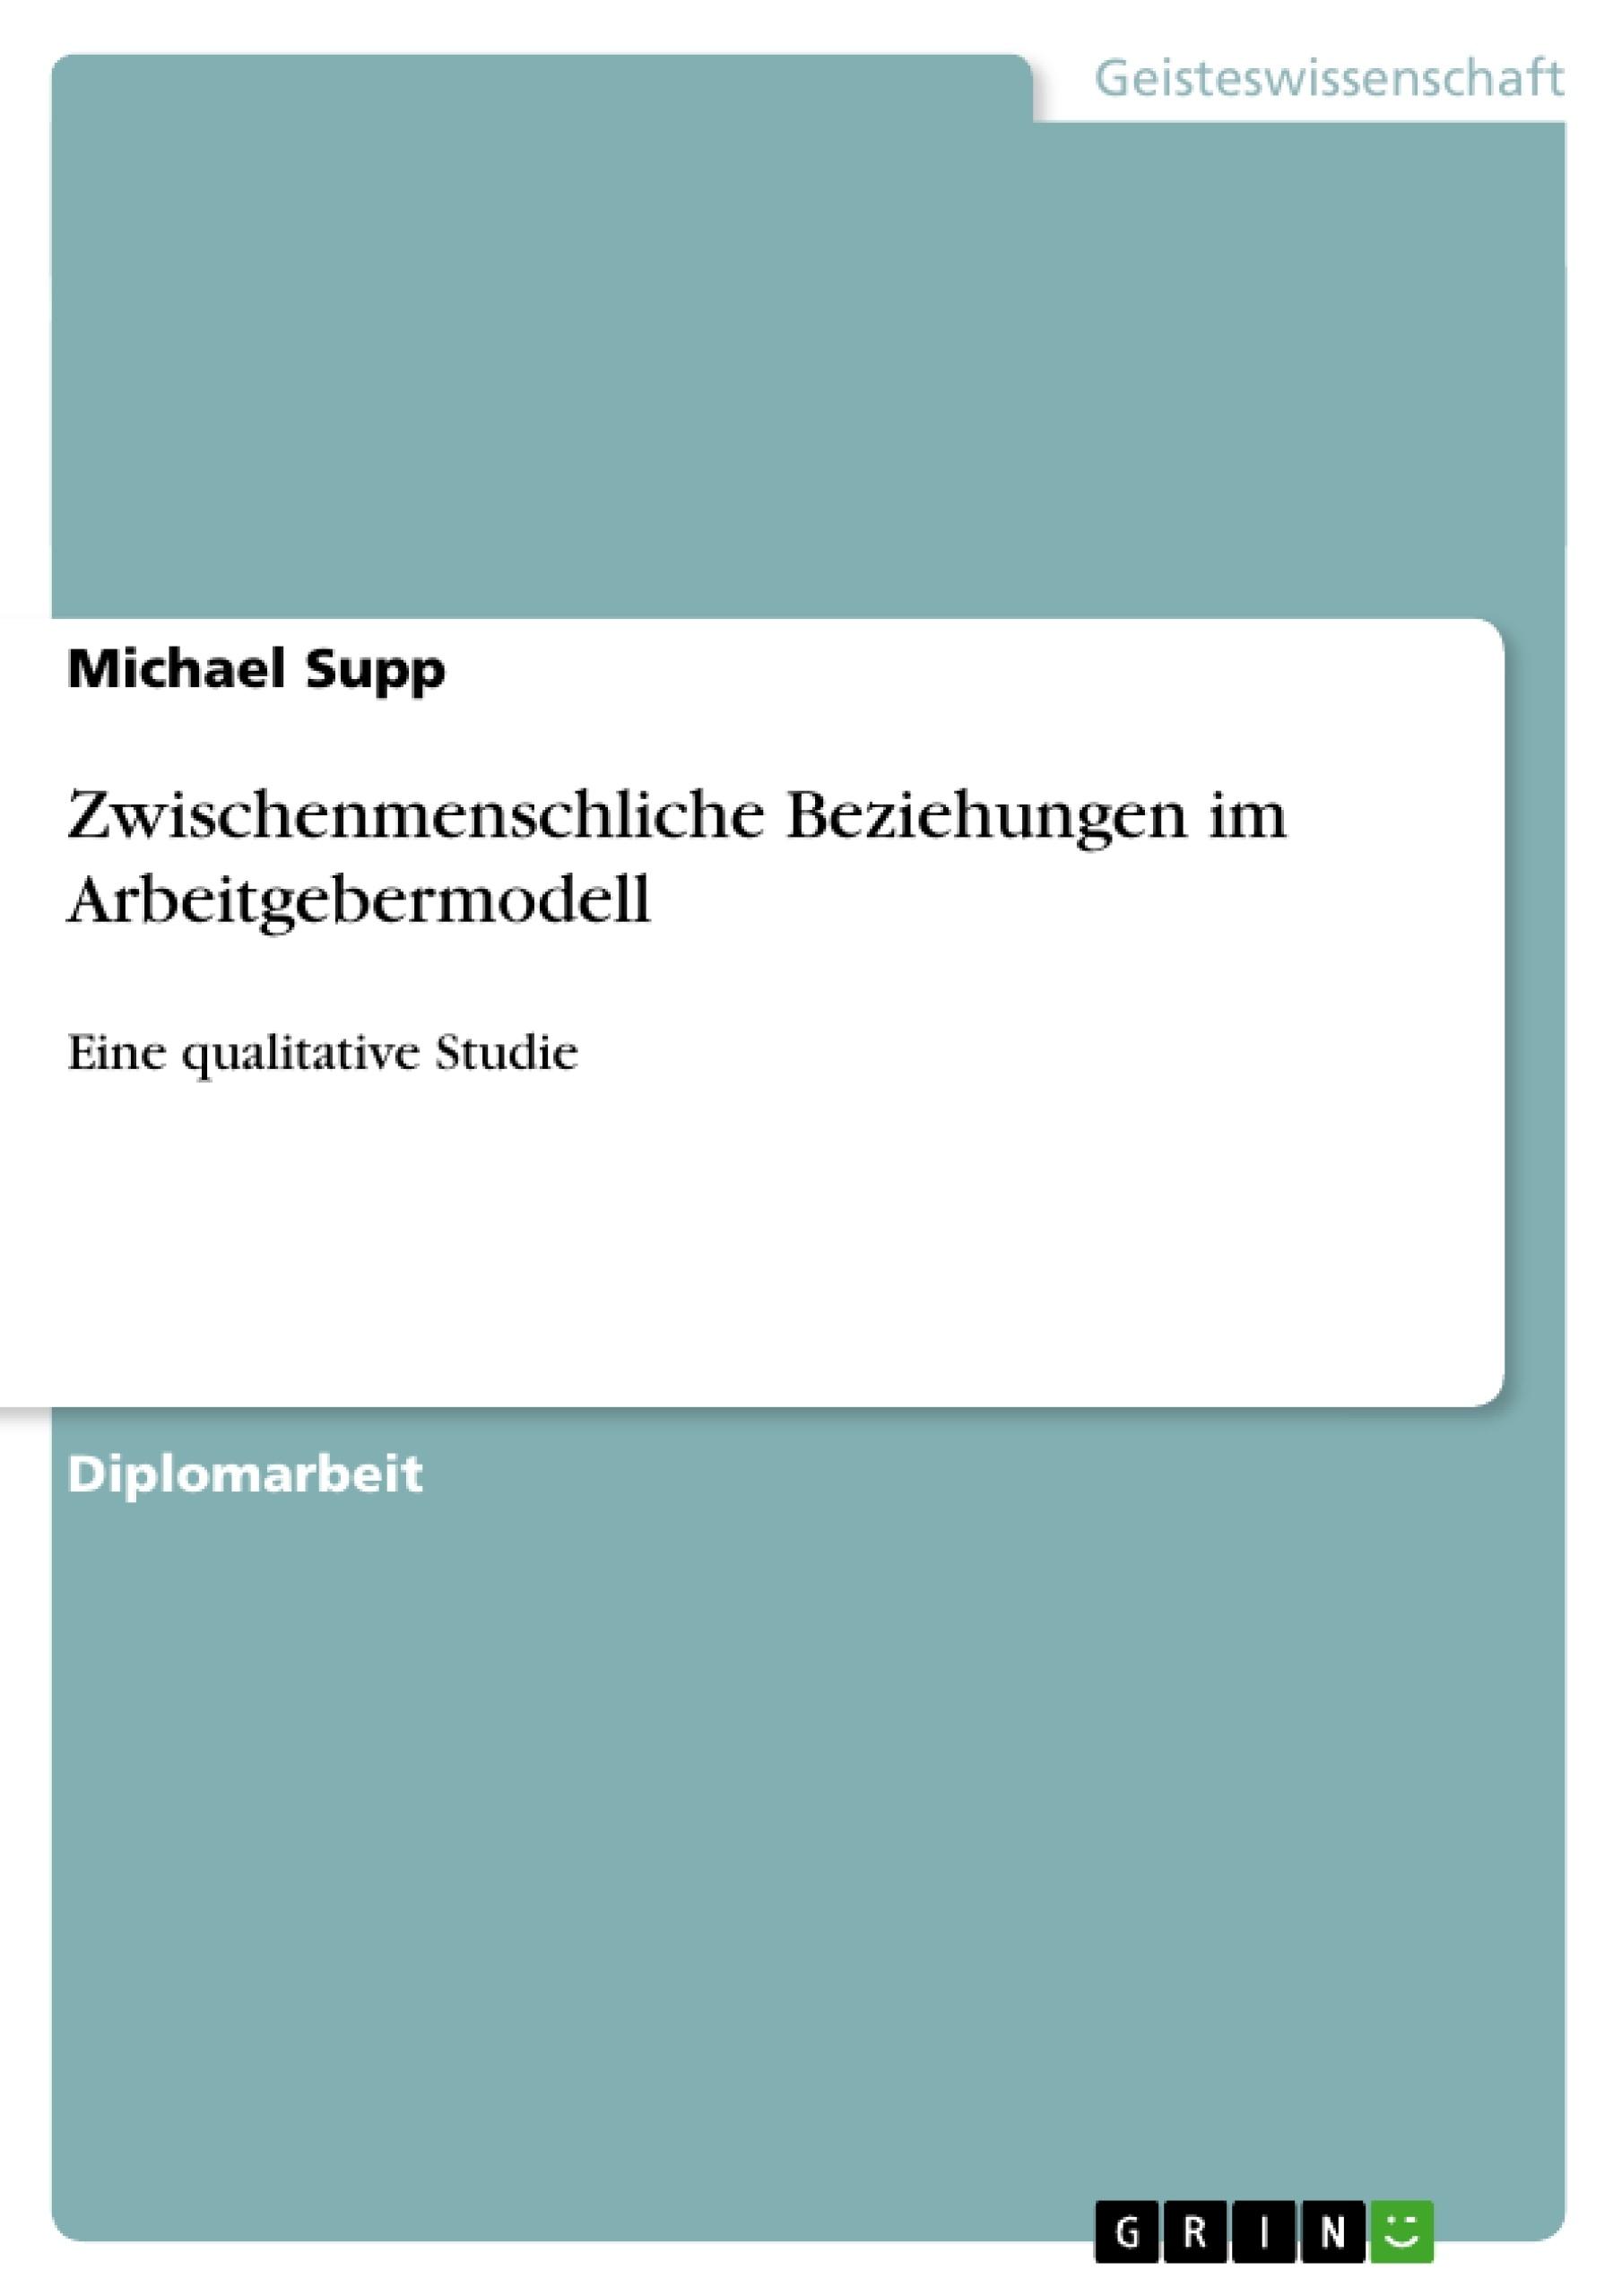 Schön Einheitstestplan Vorlage Ideen - Beispielzusammenfassung Ideen ...